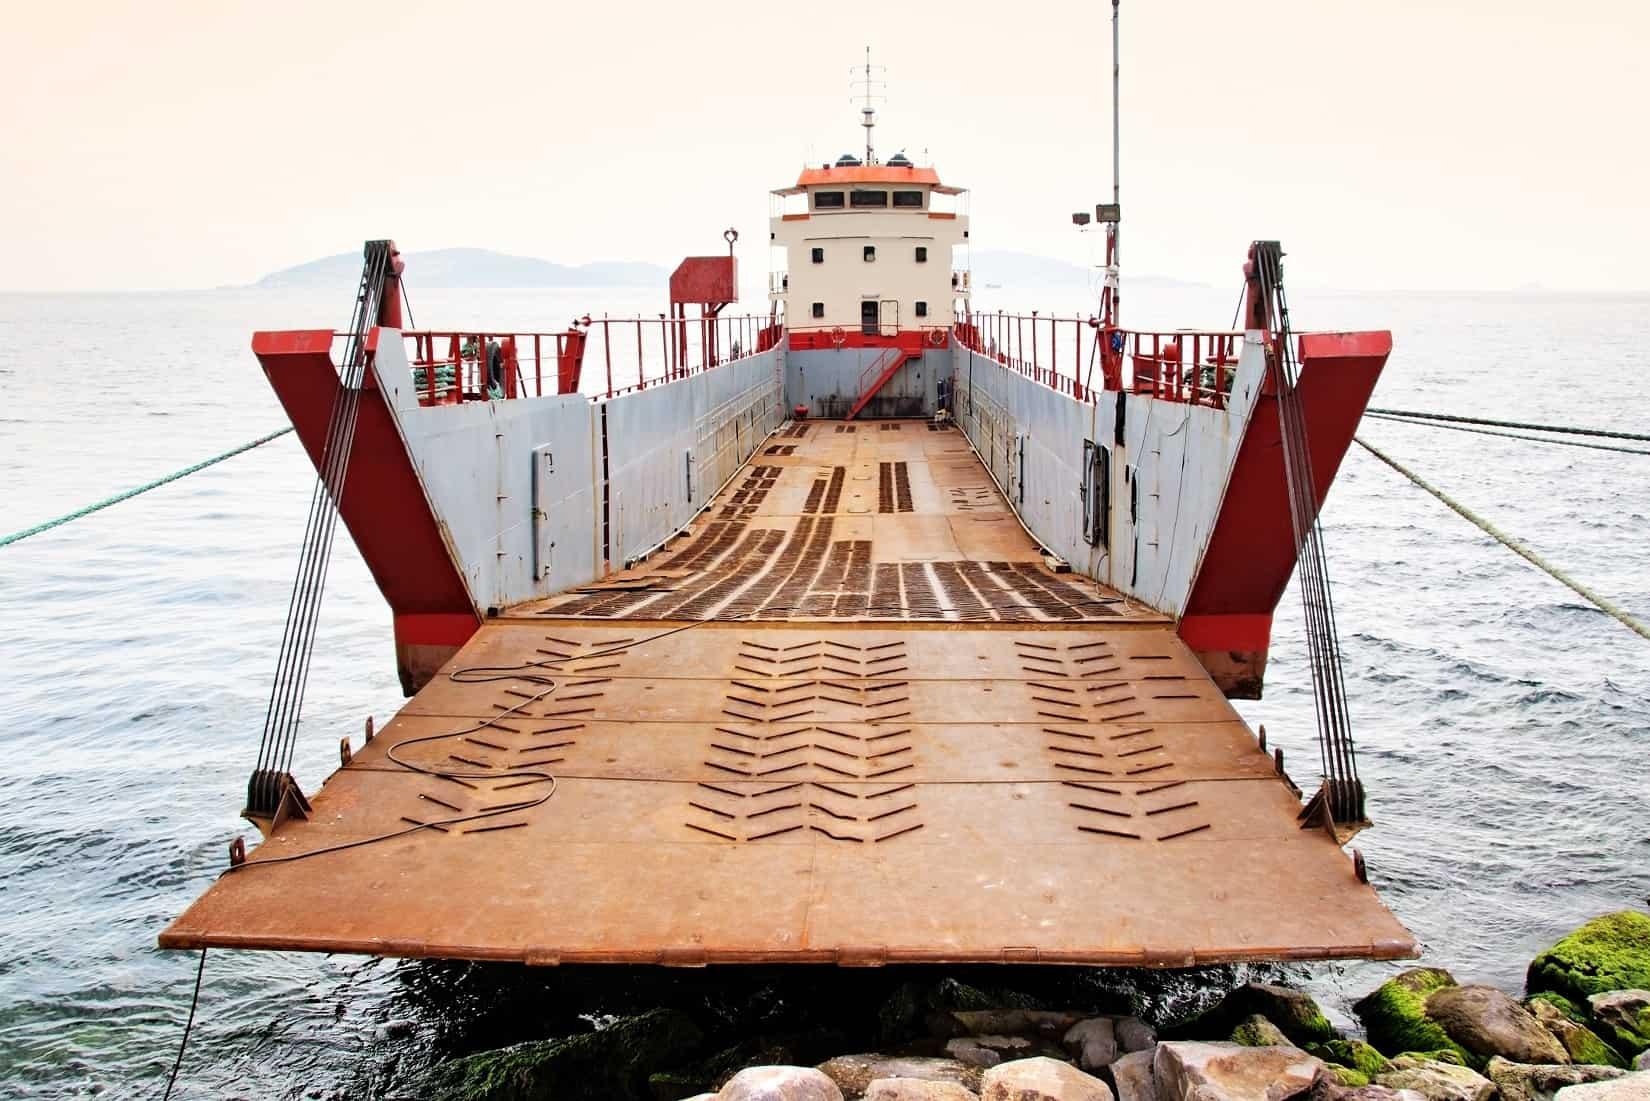 Voyage Charter landing craft